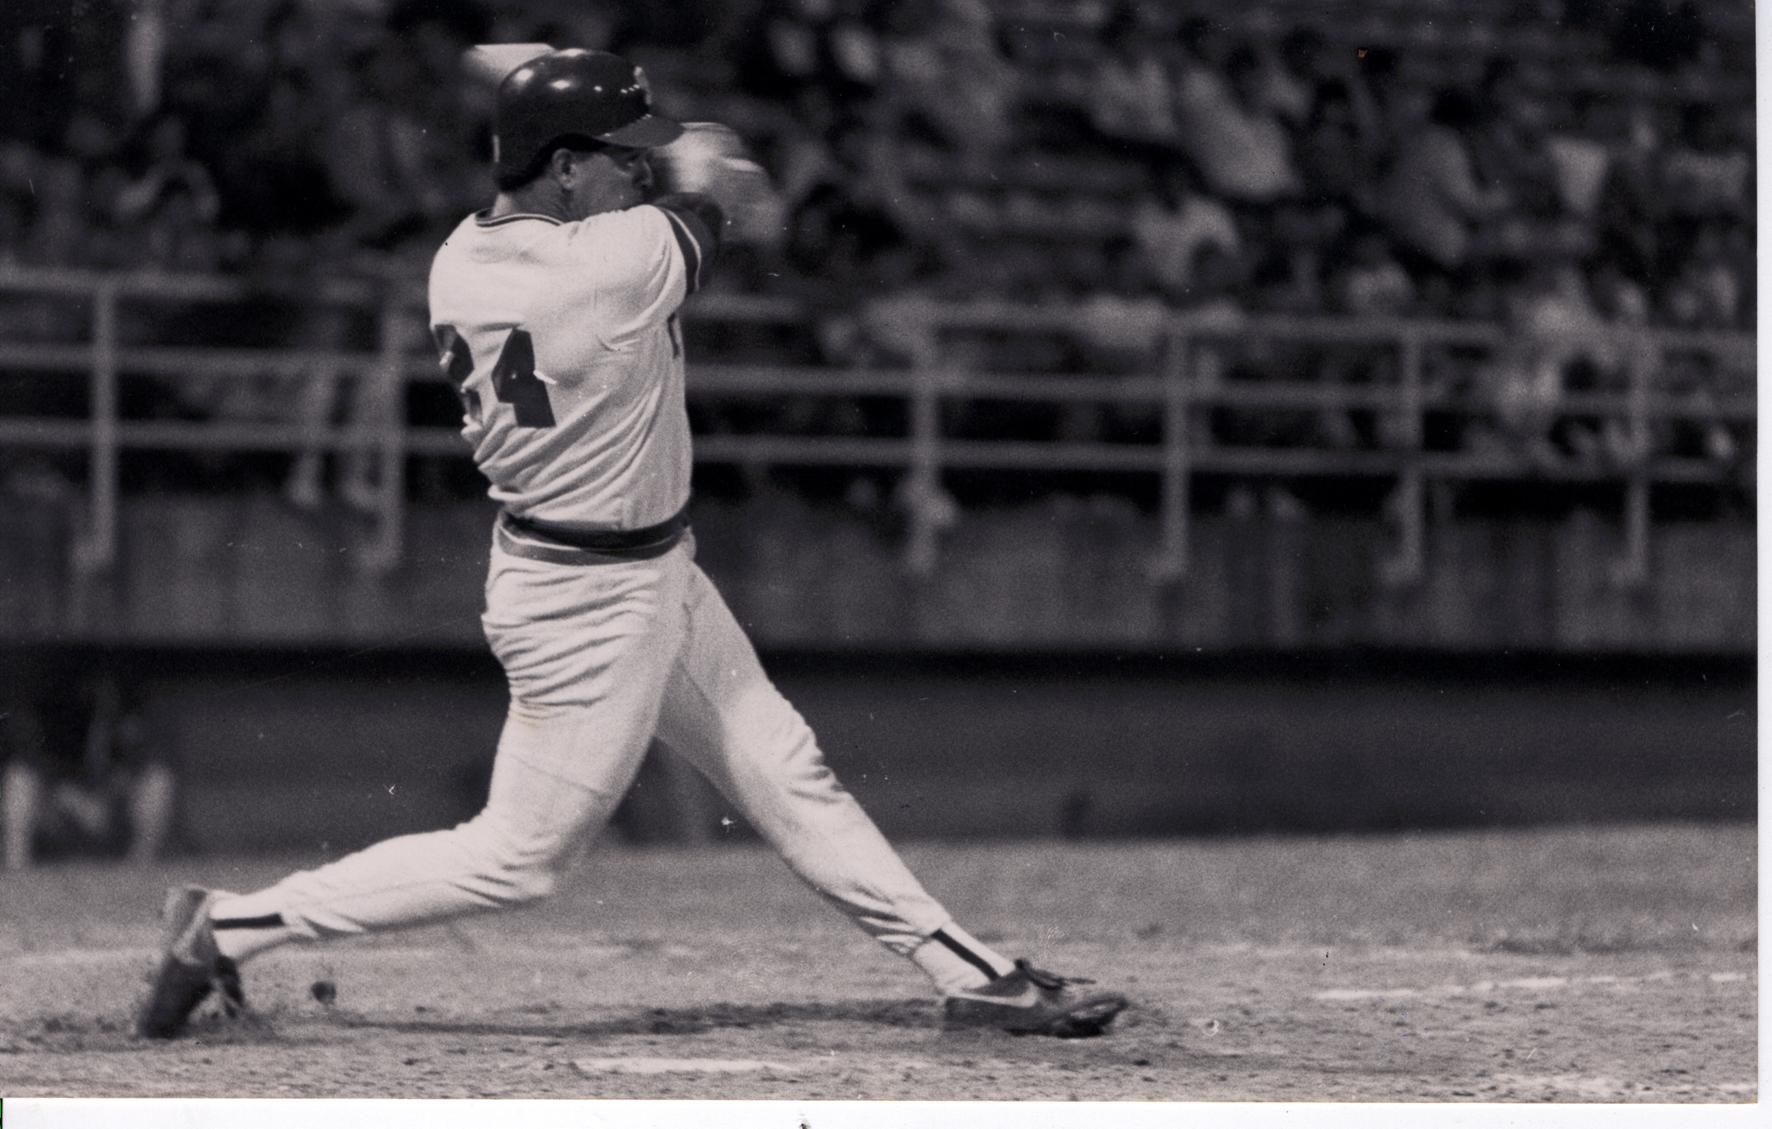 En 1990 Raúl Pérez Tovar, de La Guaira, dispara dos jonrones en el sexto inning contra Aragua, en Maracay, y empata una marca en la LVBP.